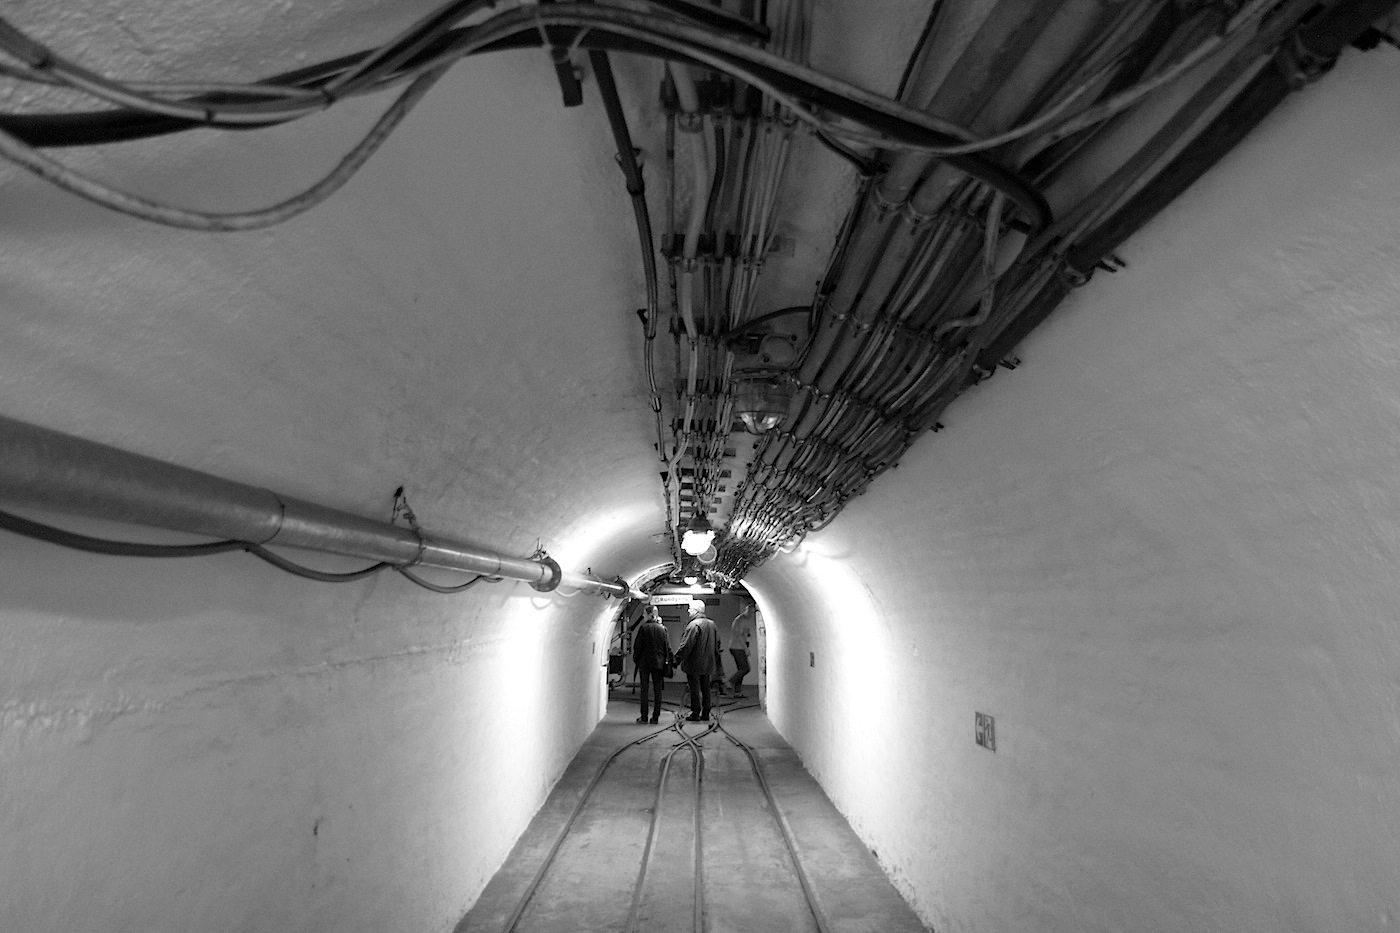 Deutsches Bergbau Museum.  Anschauungsbergwerk in 20 Meter Tiefe